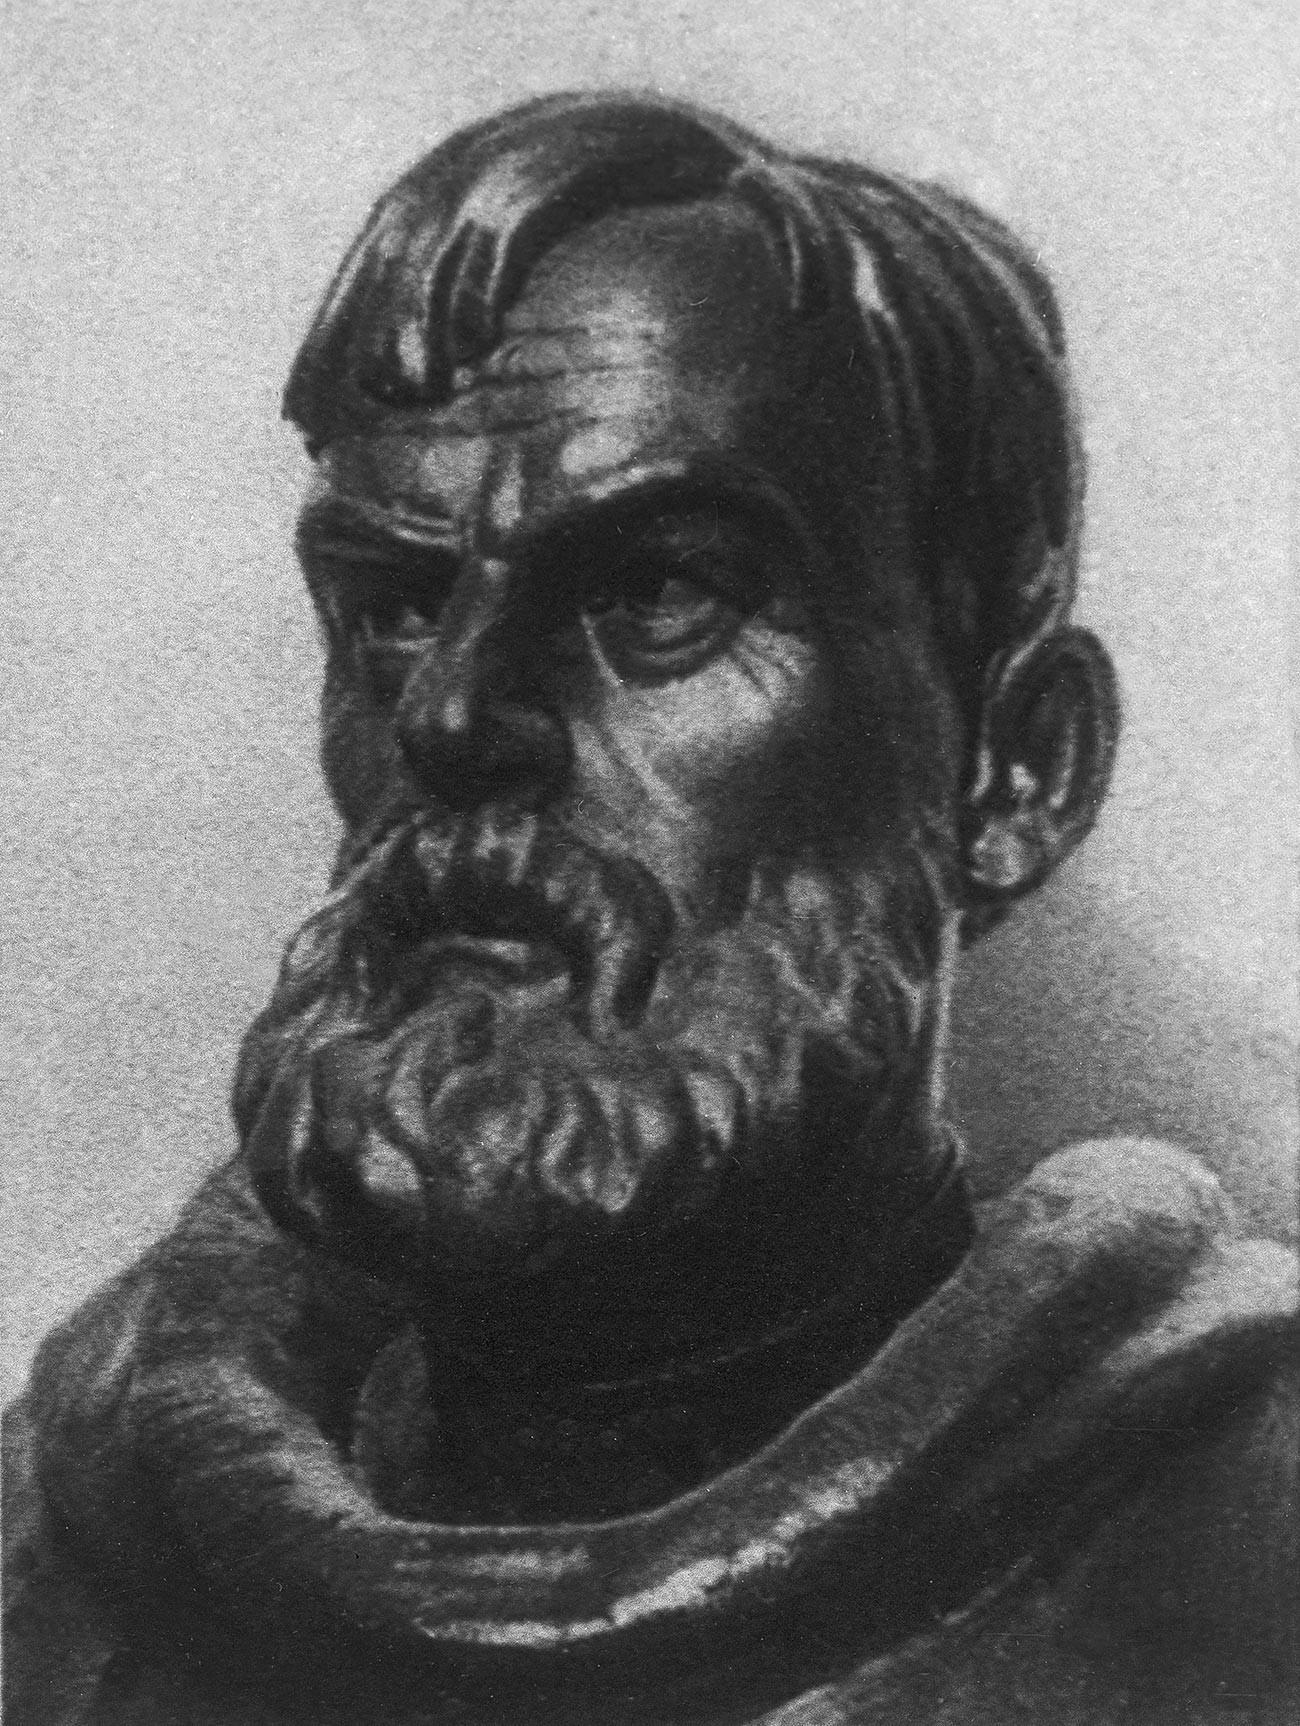 Russian explorer Semyon Dezhnev